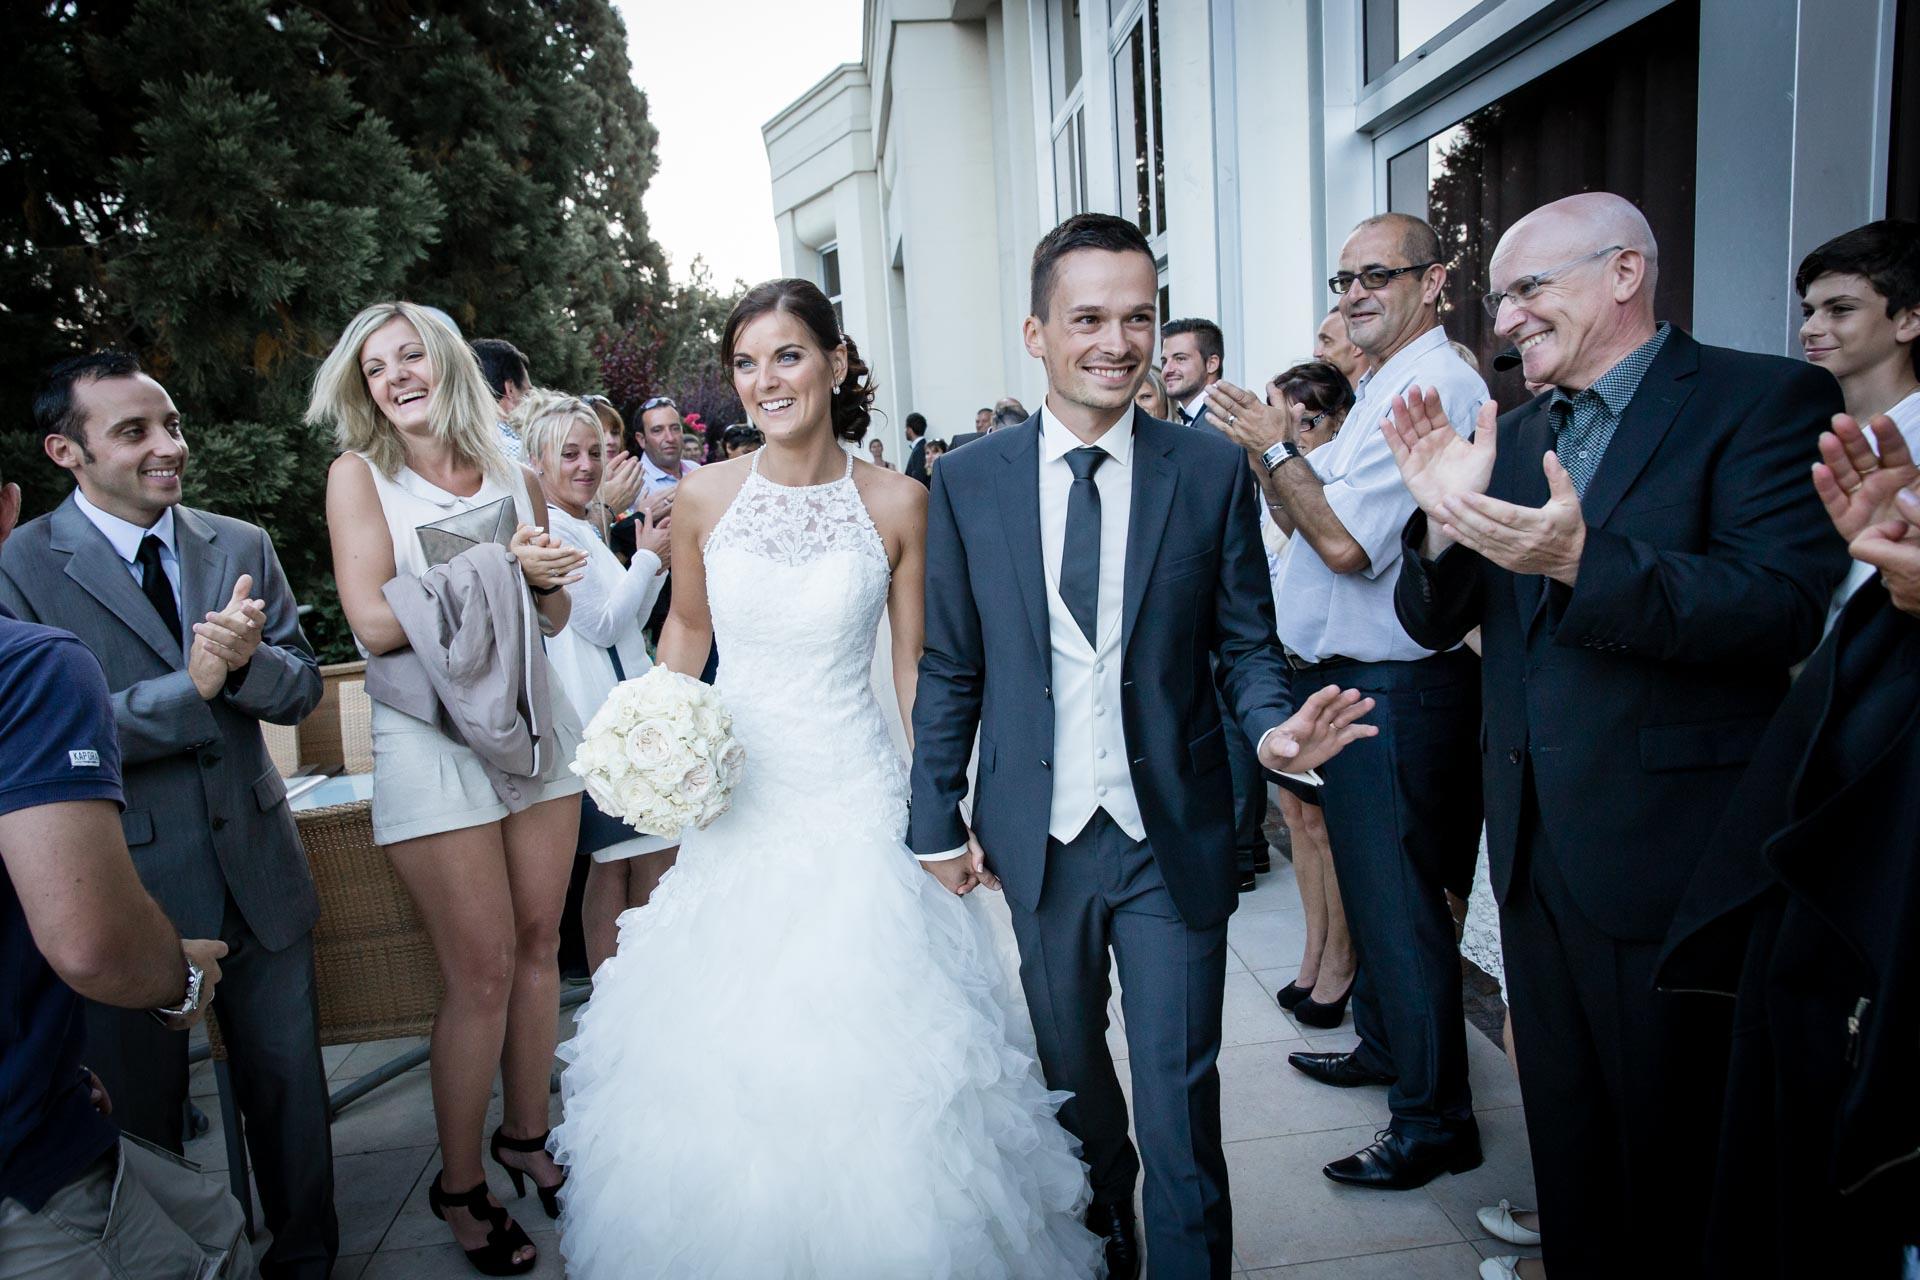 Mariage de Mallorye et Nicolas. Couple arrivant au vin d'honneur au Domaine de DIvonne